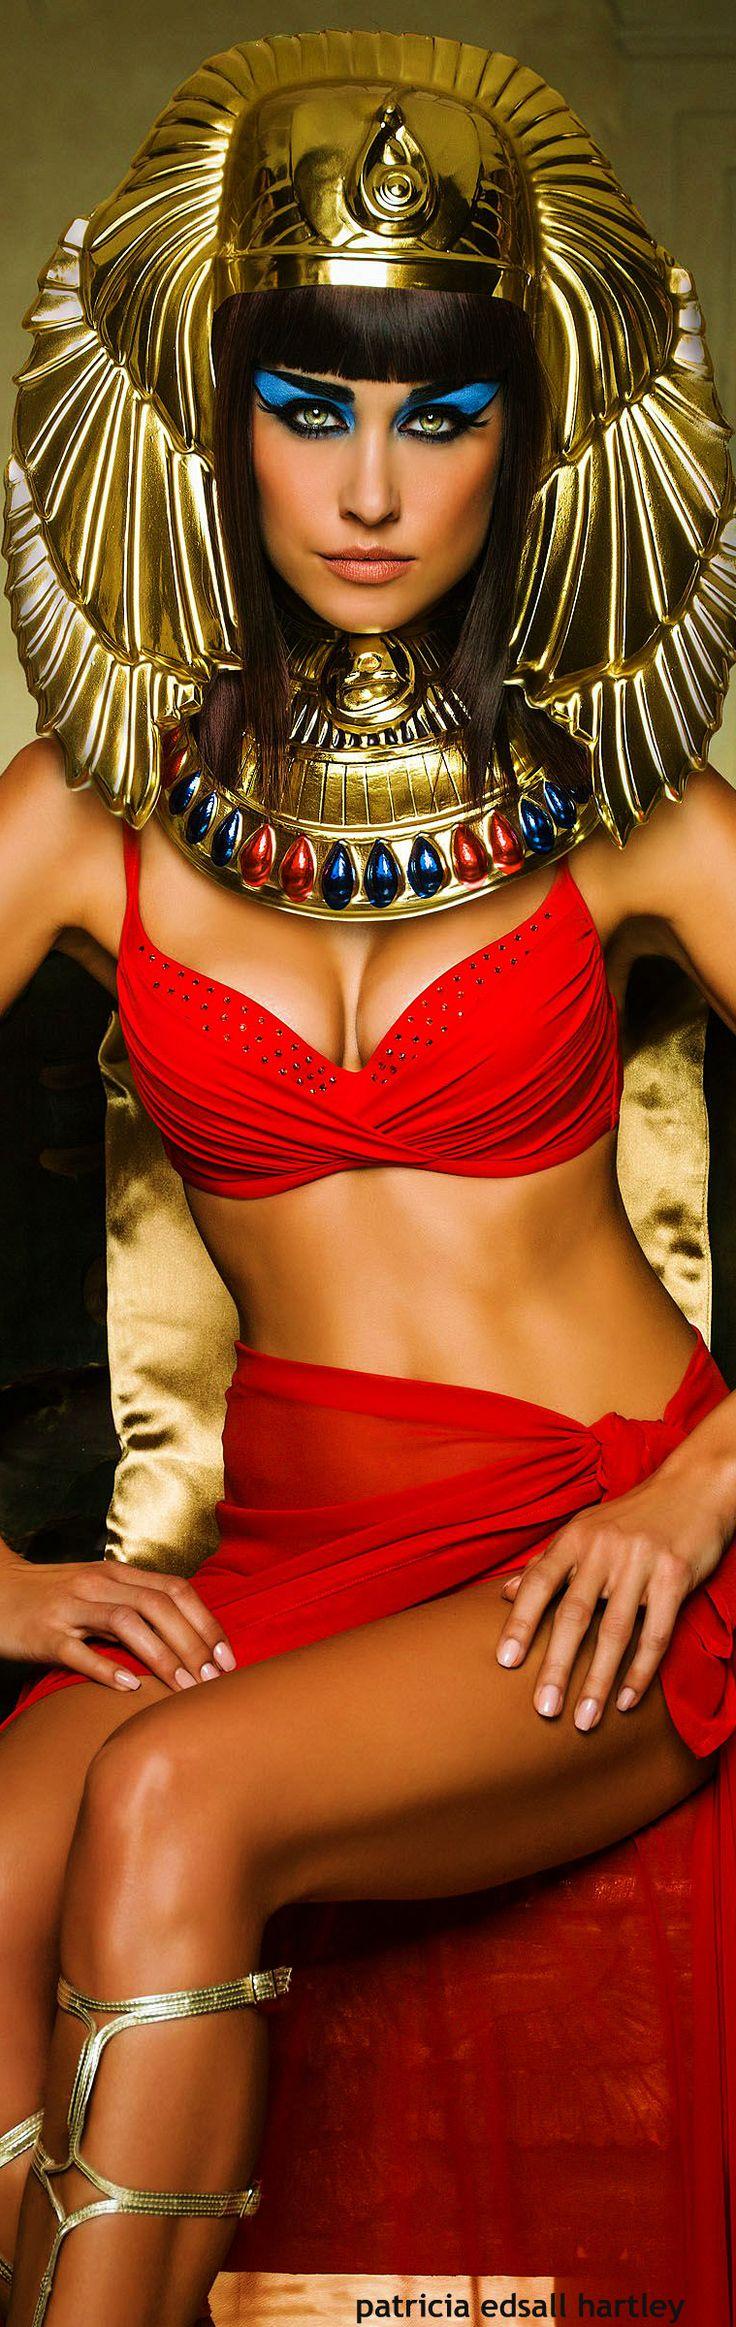 Egyptian Goddess Cleopatra Bikini - Egyptian Style - Egypt Inspired Fashion